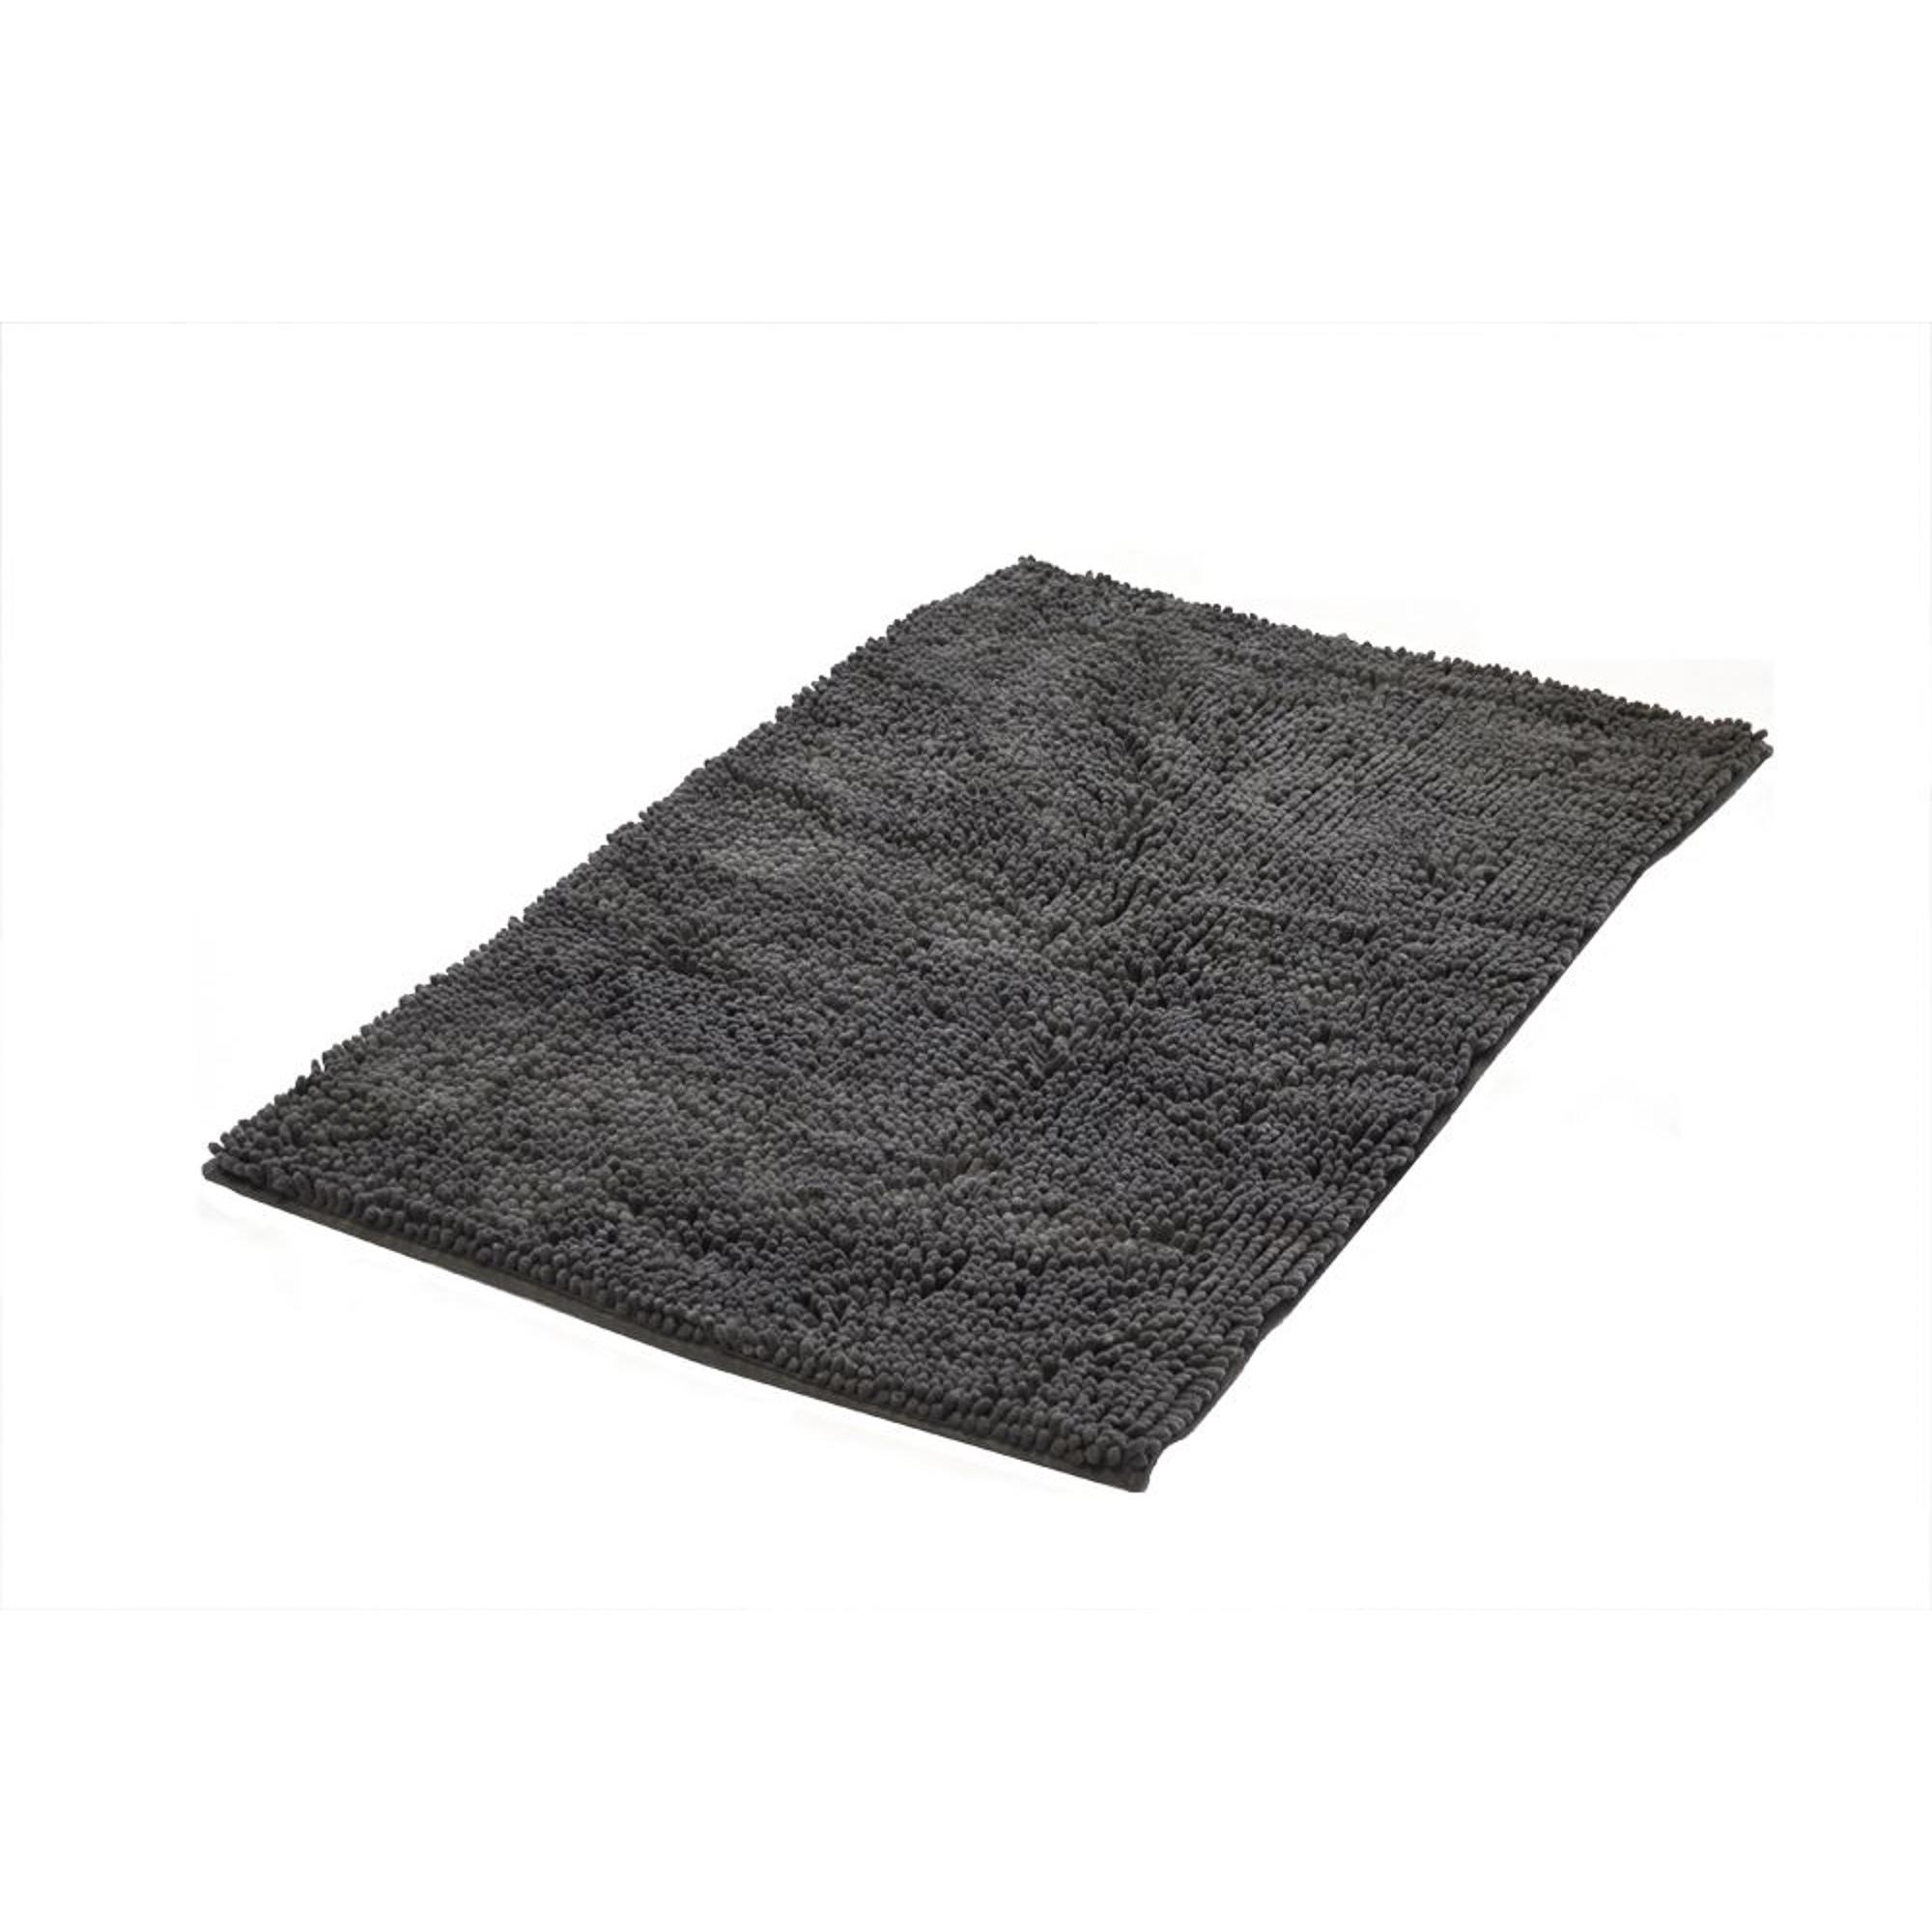 Коврик для ванной комнаты Soft серый 55*85 Ridder коврик для ванной комнаты white clean